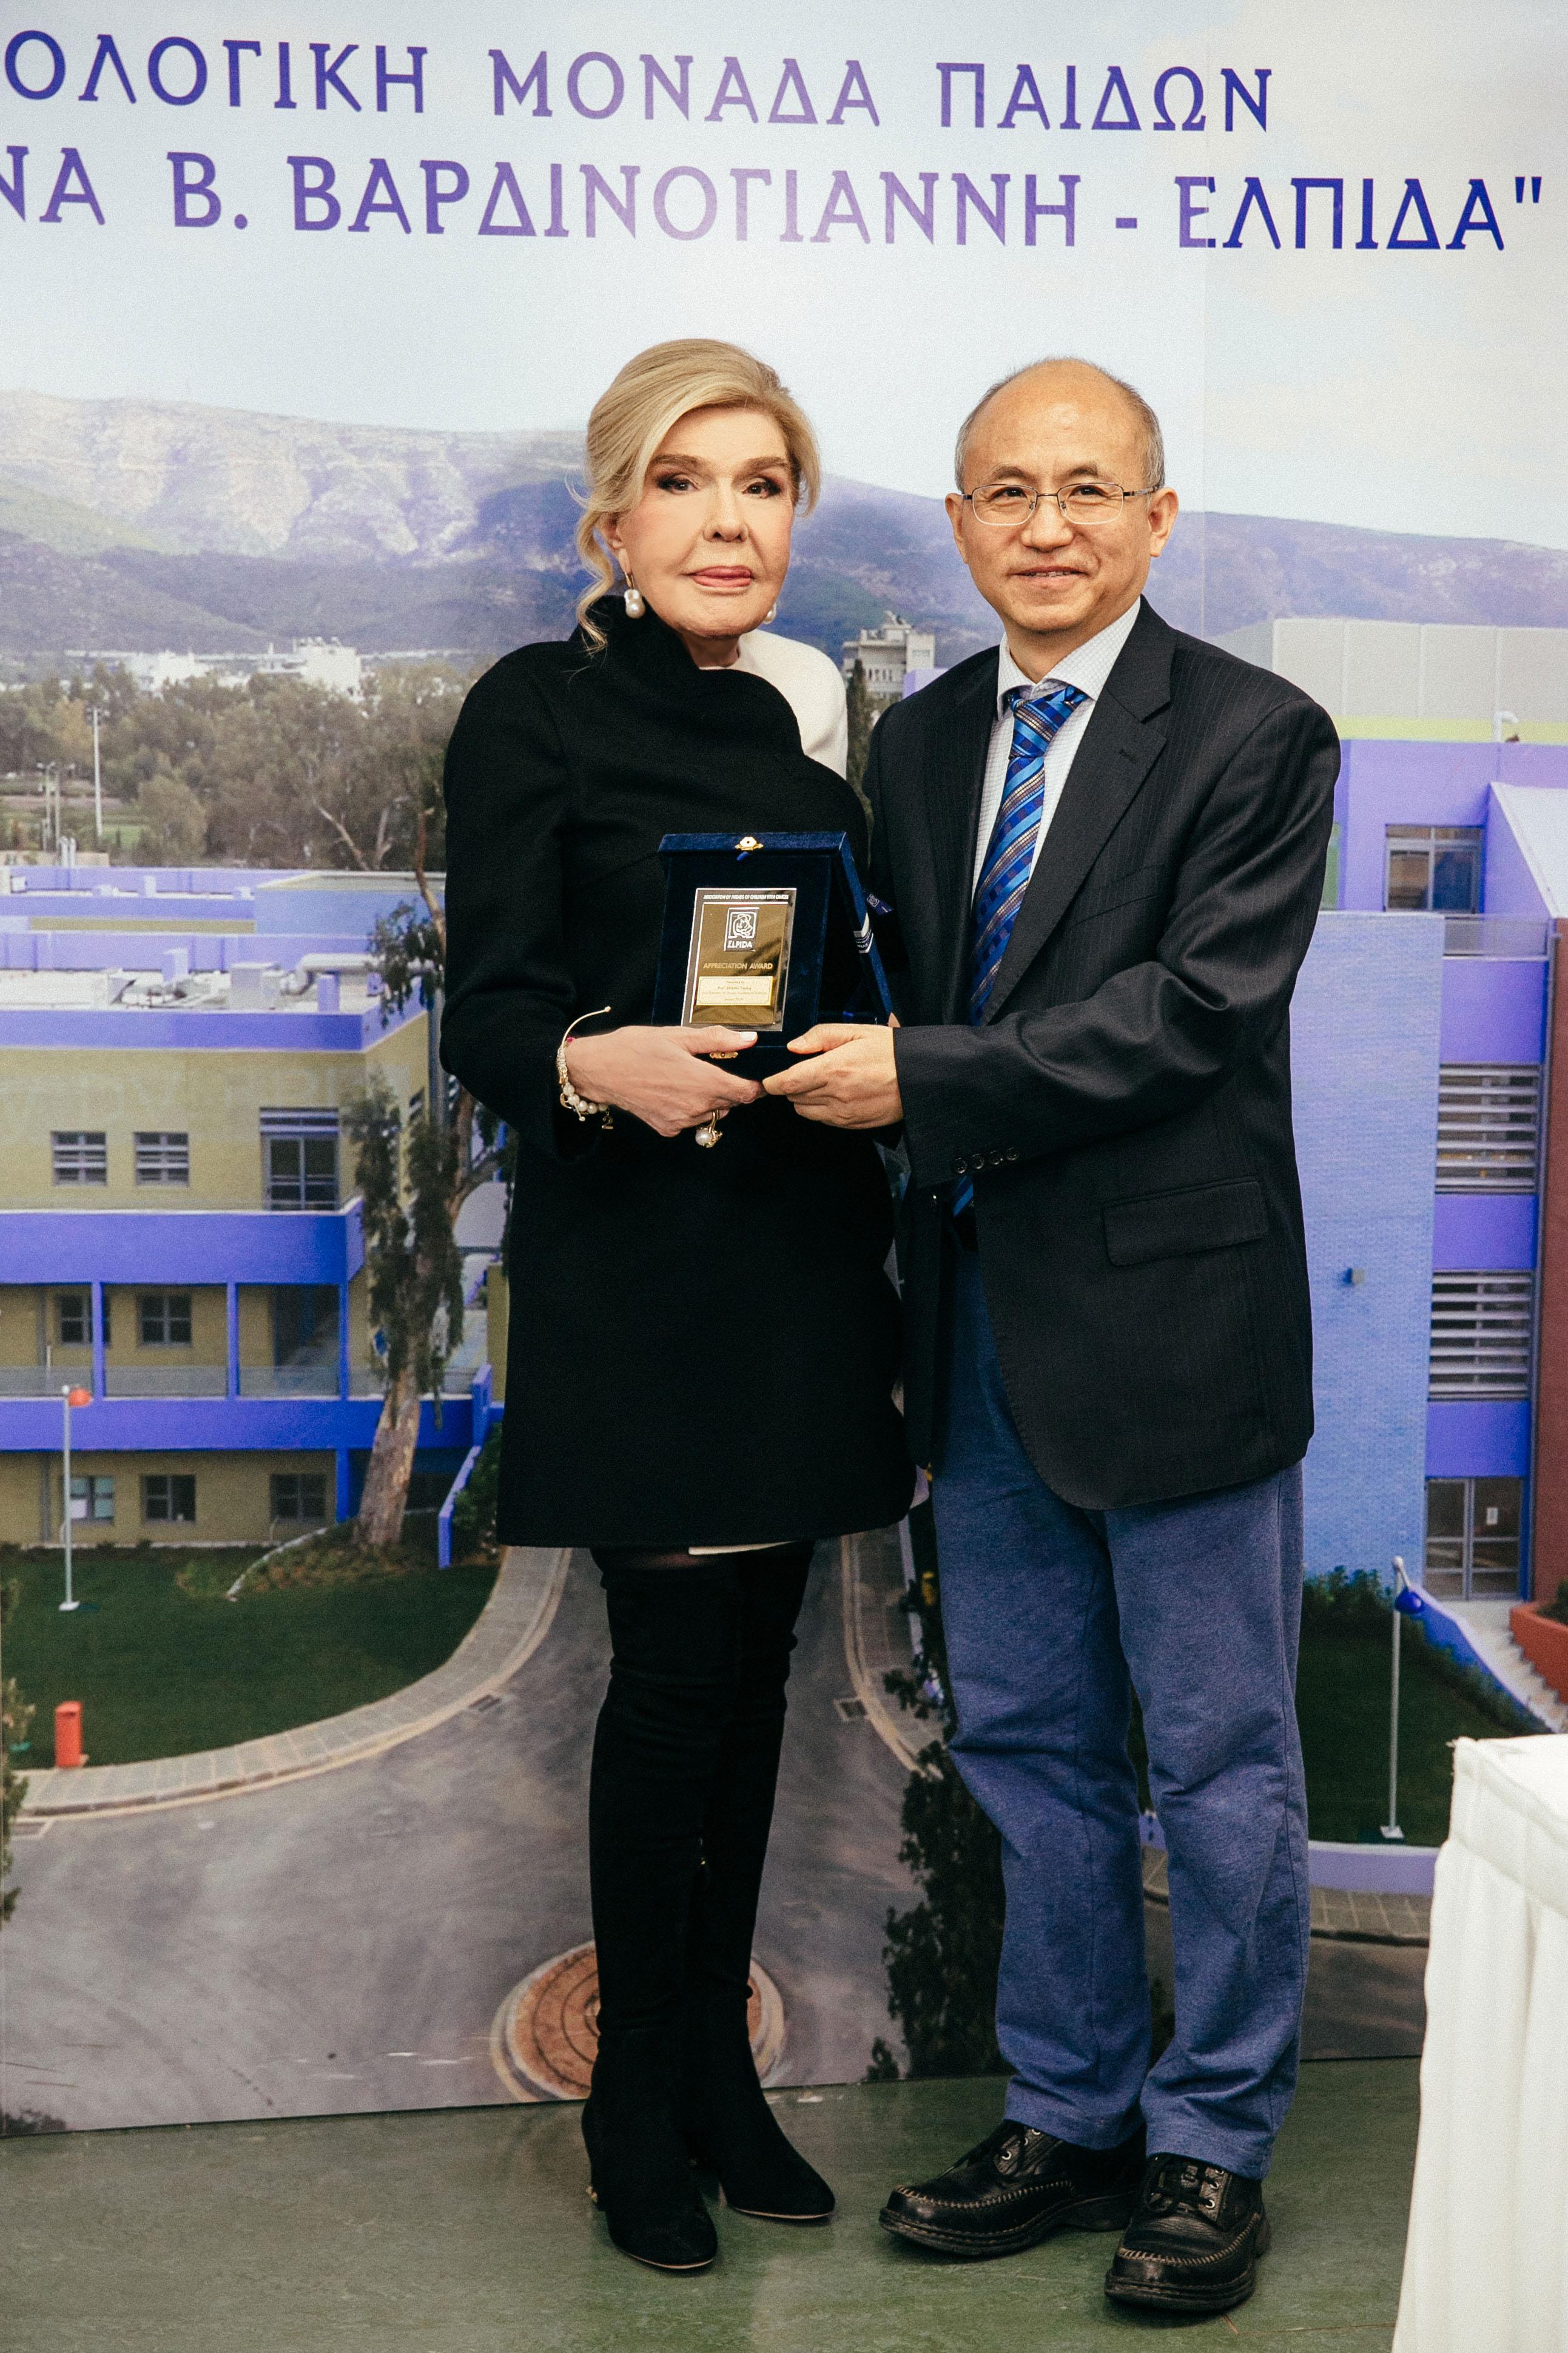 Η Μαριάννα Β. Βαρδινογιάννη με τον Αντιπρόεδρο της Ακαδημίας της Κίνας